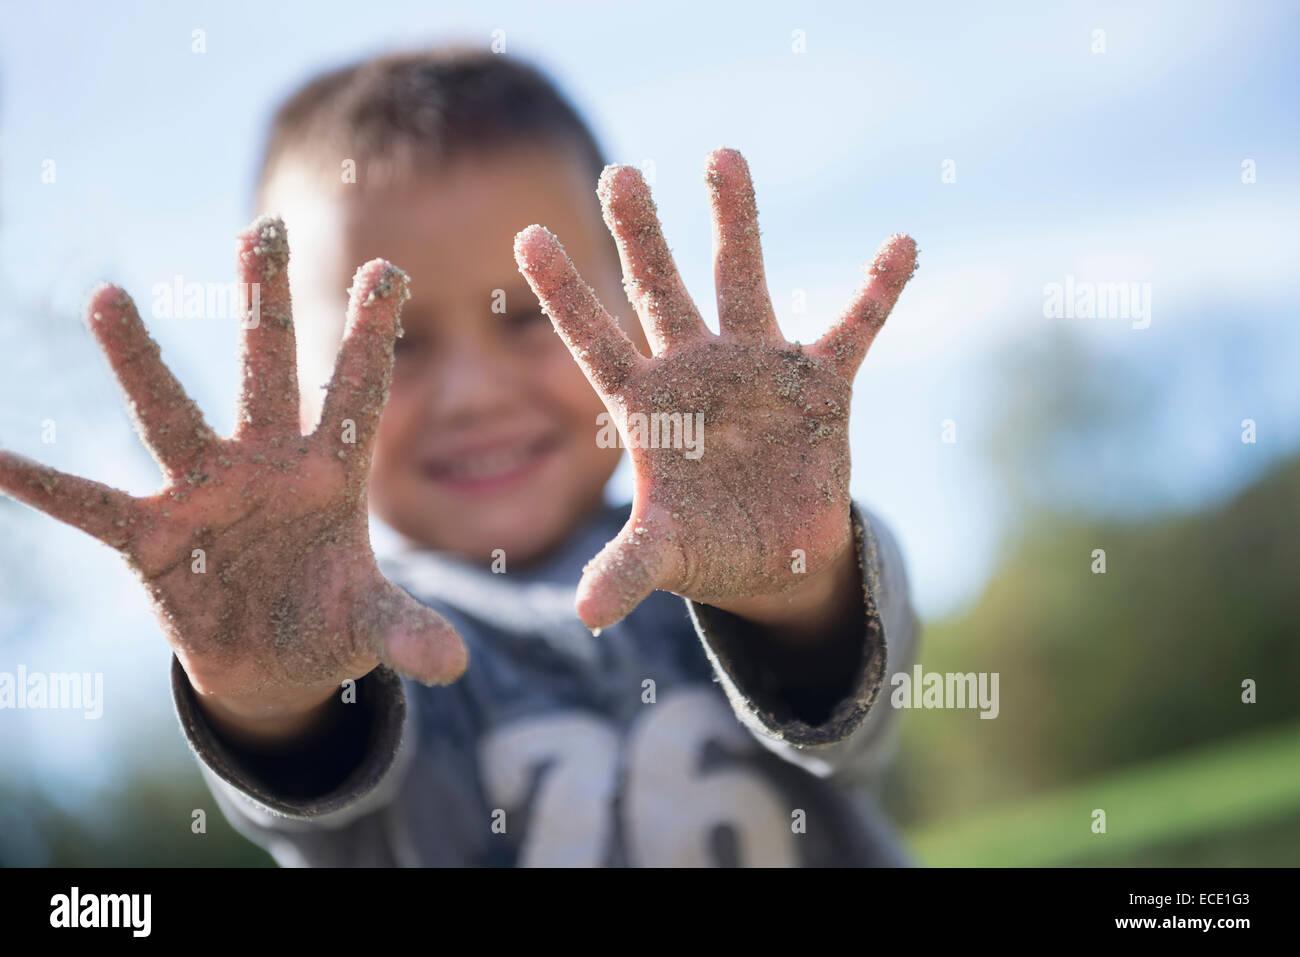 Kleiner Junge zeigt Hände bedeckt Sand Spielplatz Stockbild